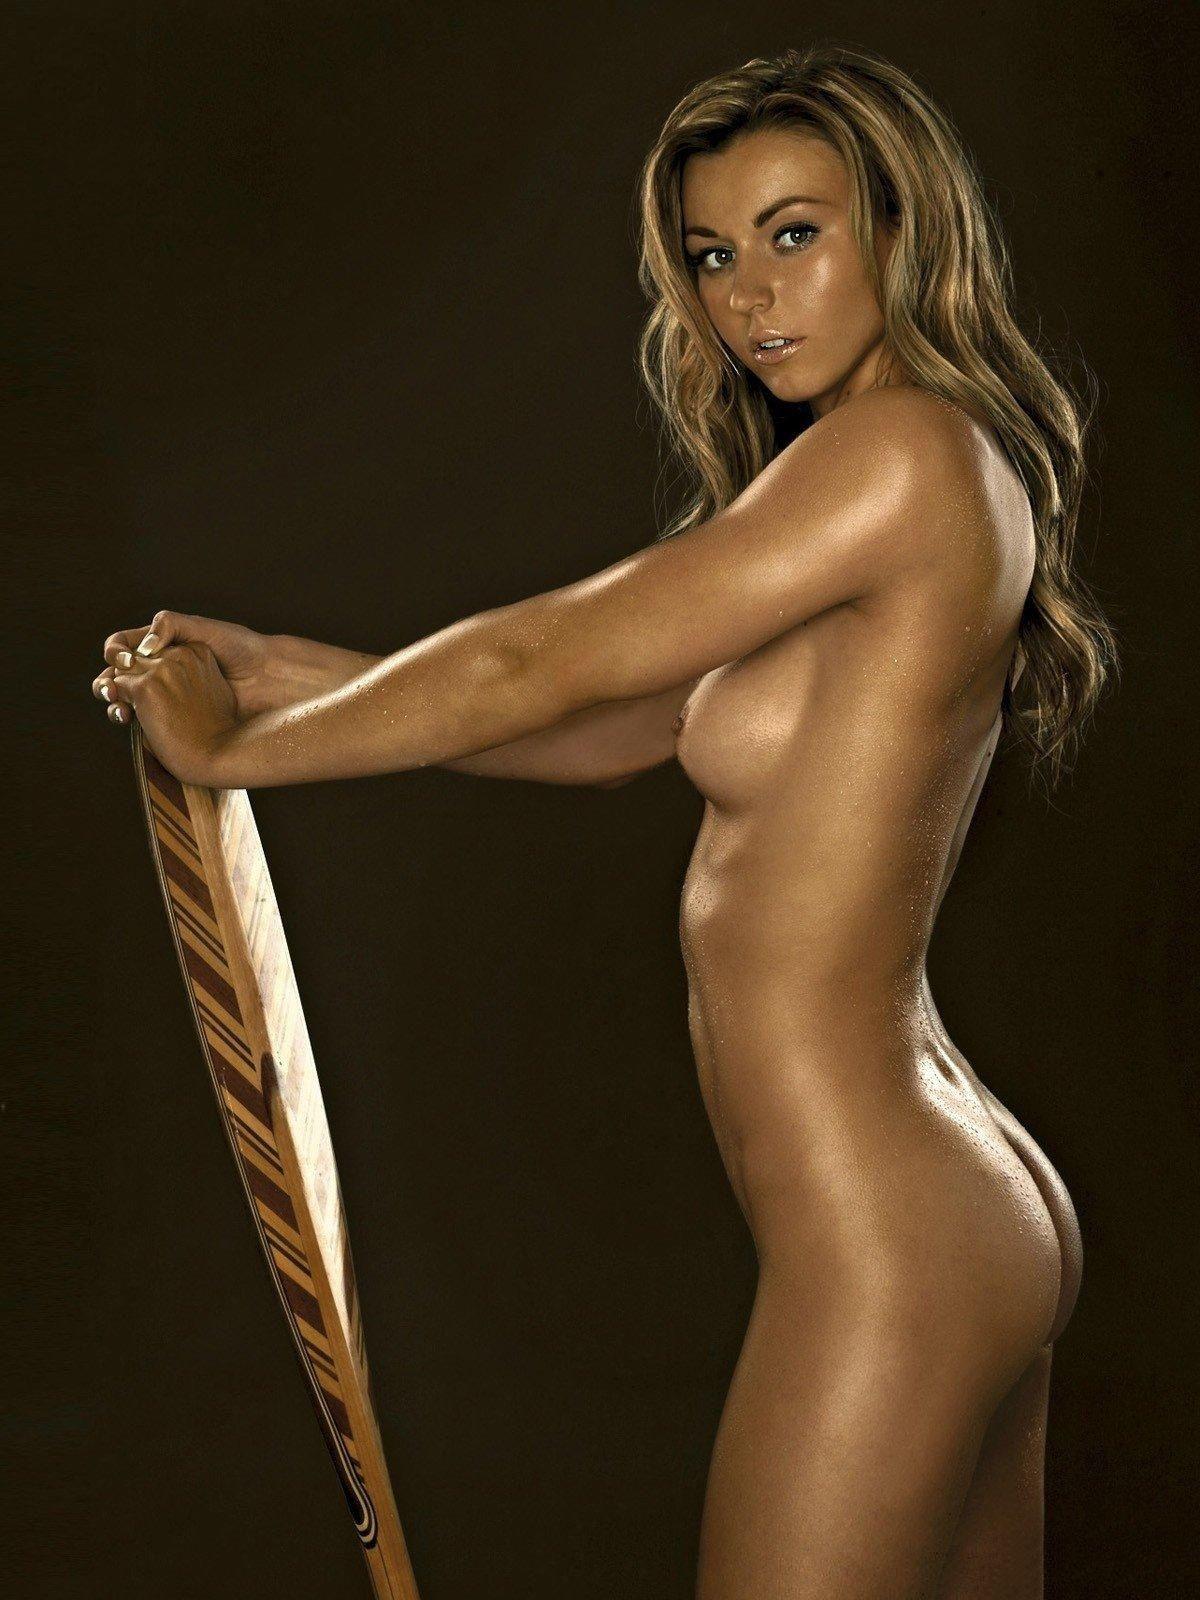 Naked female sports athletes nude